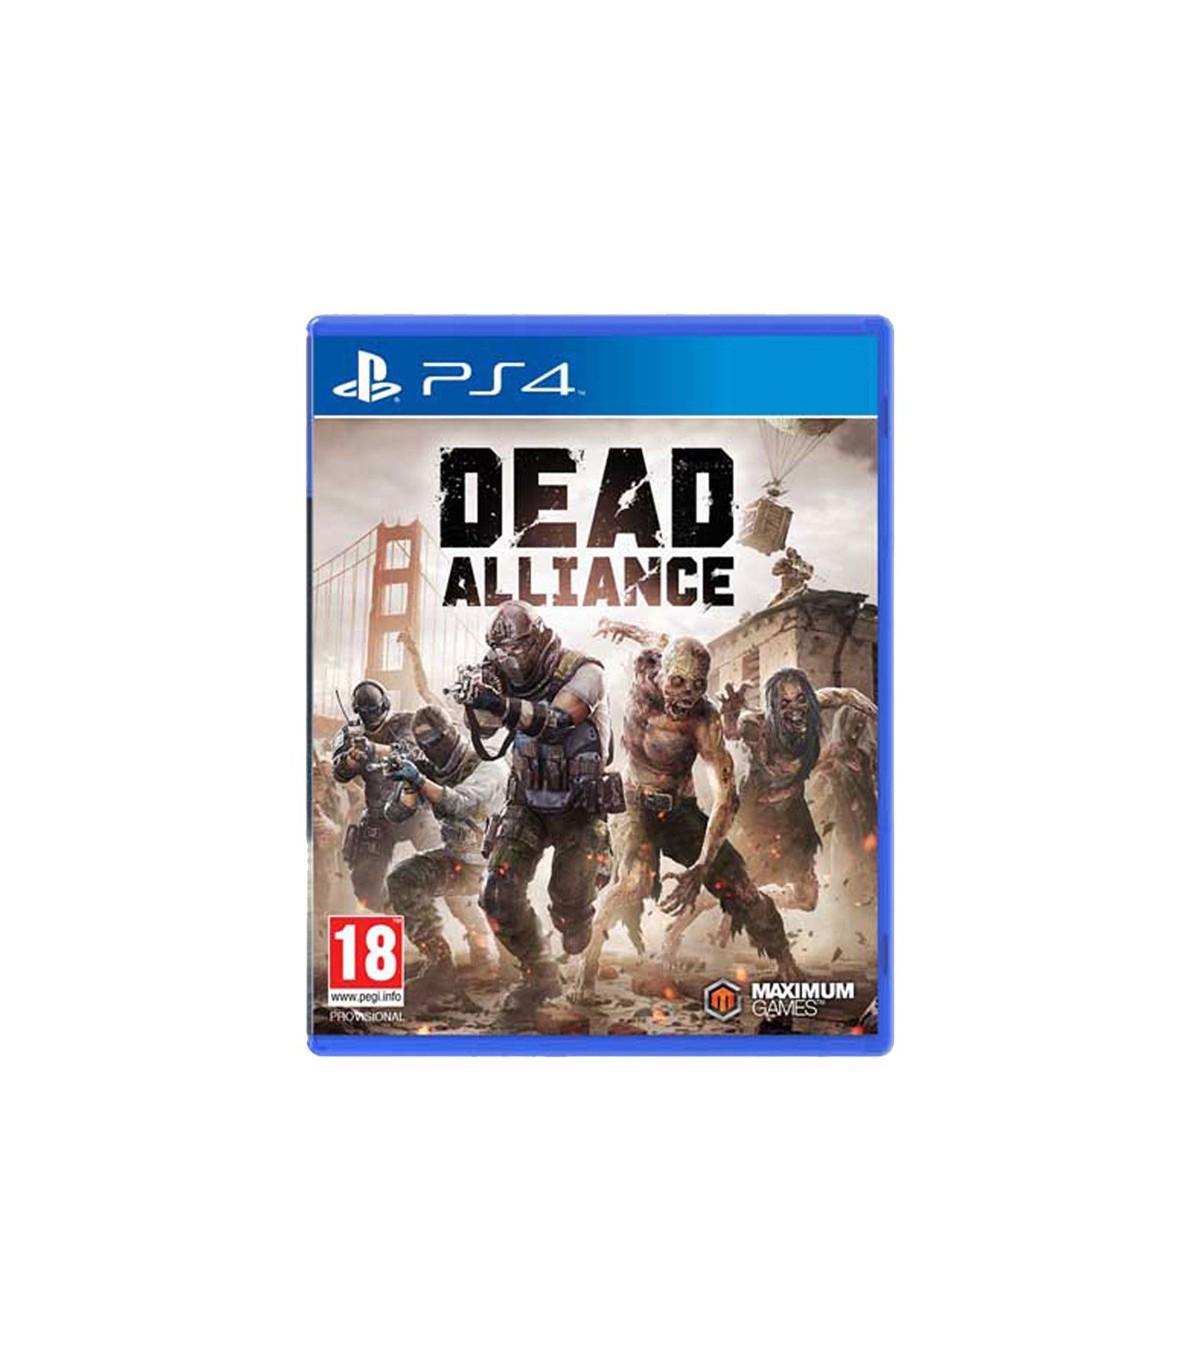 بازی Dead Alliance کارکرده - پلی استیشن 4